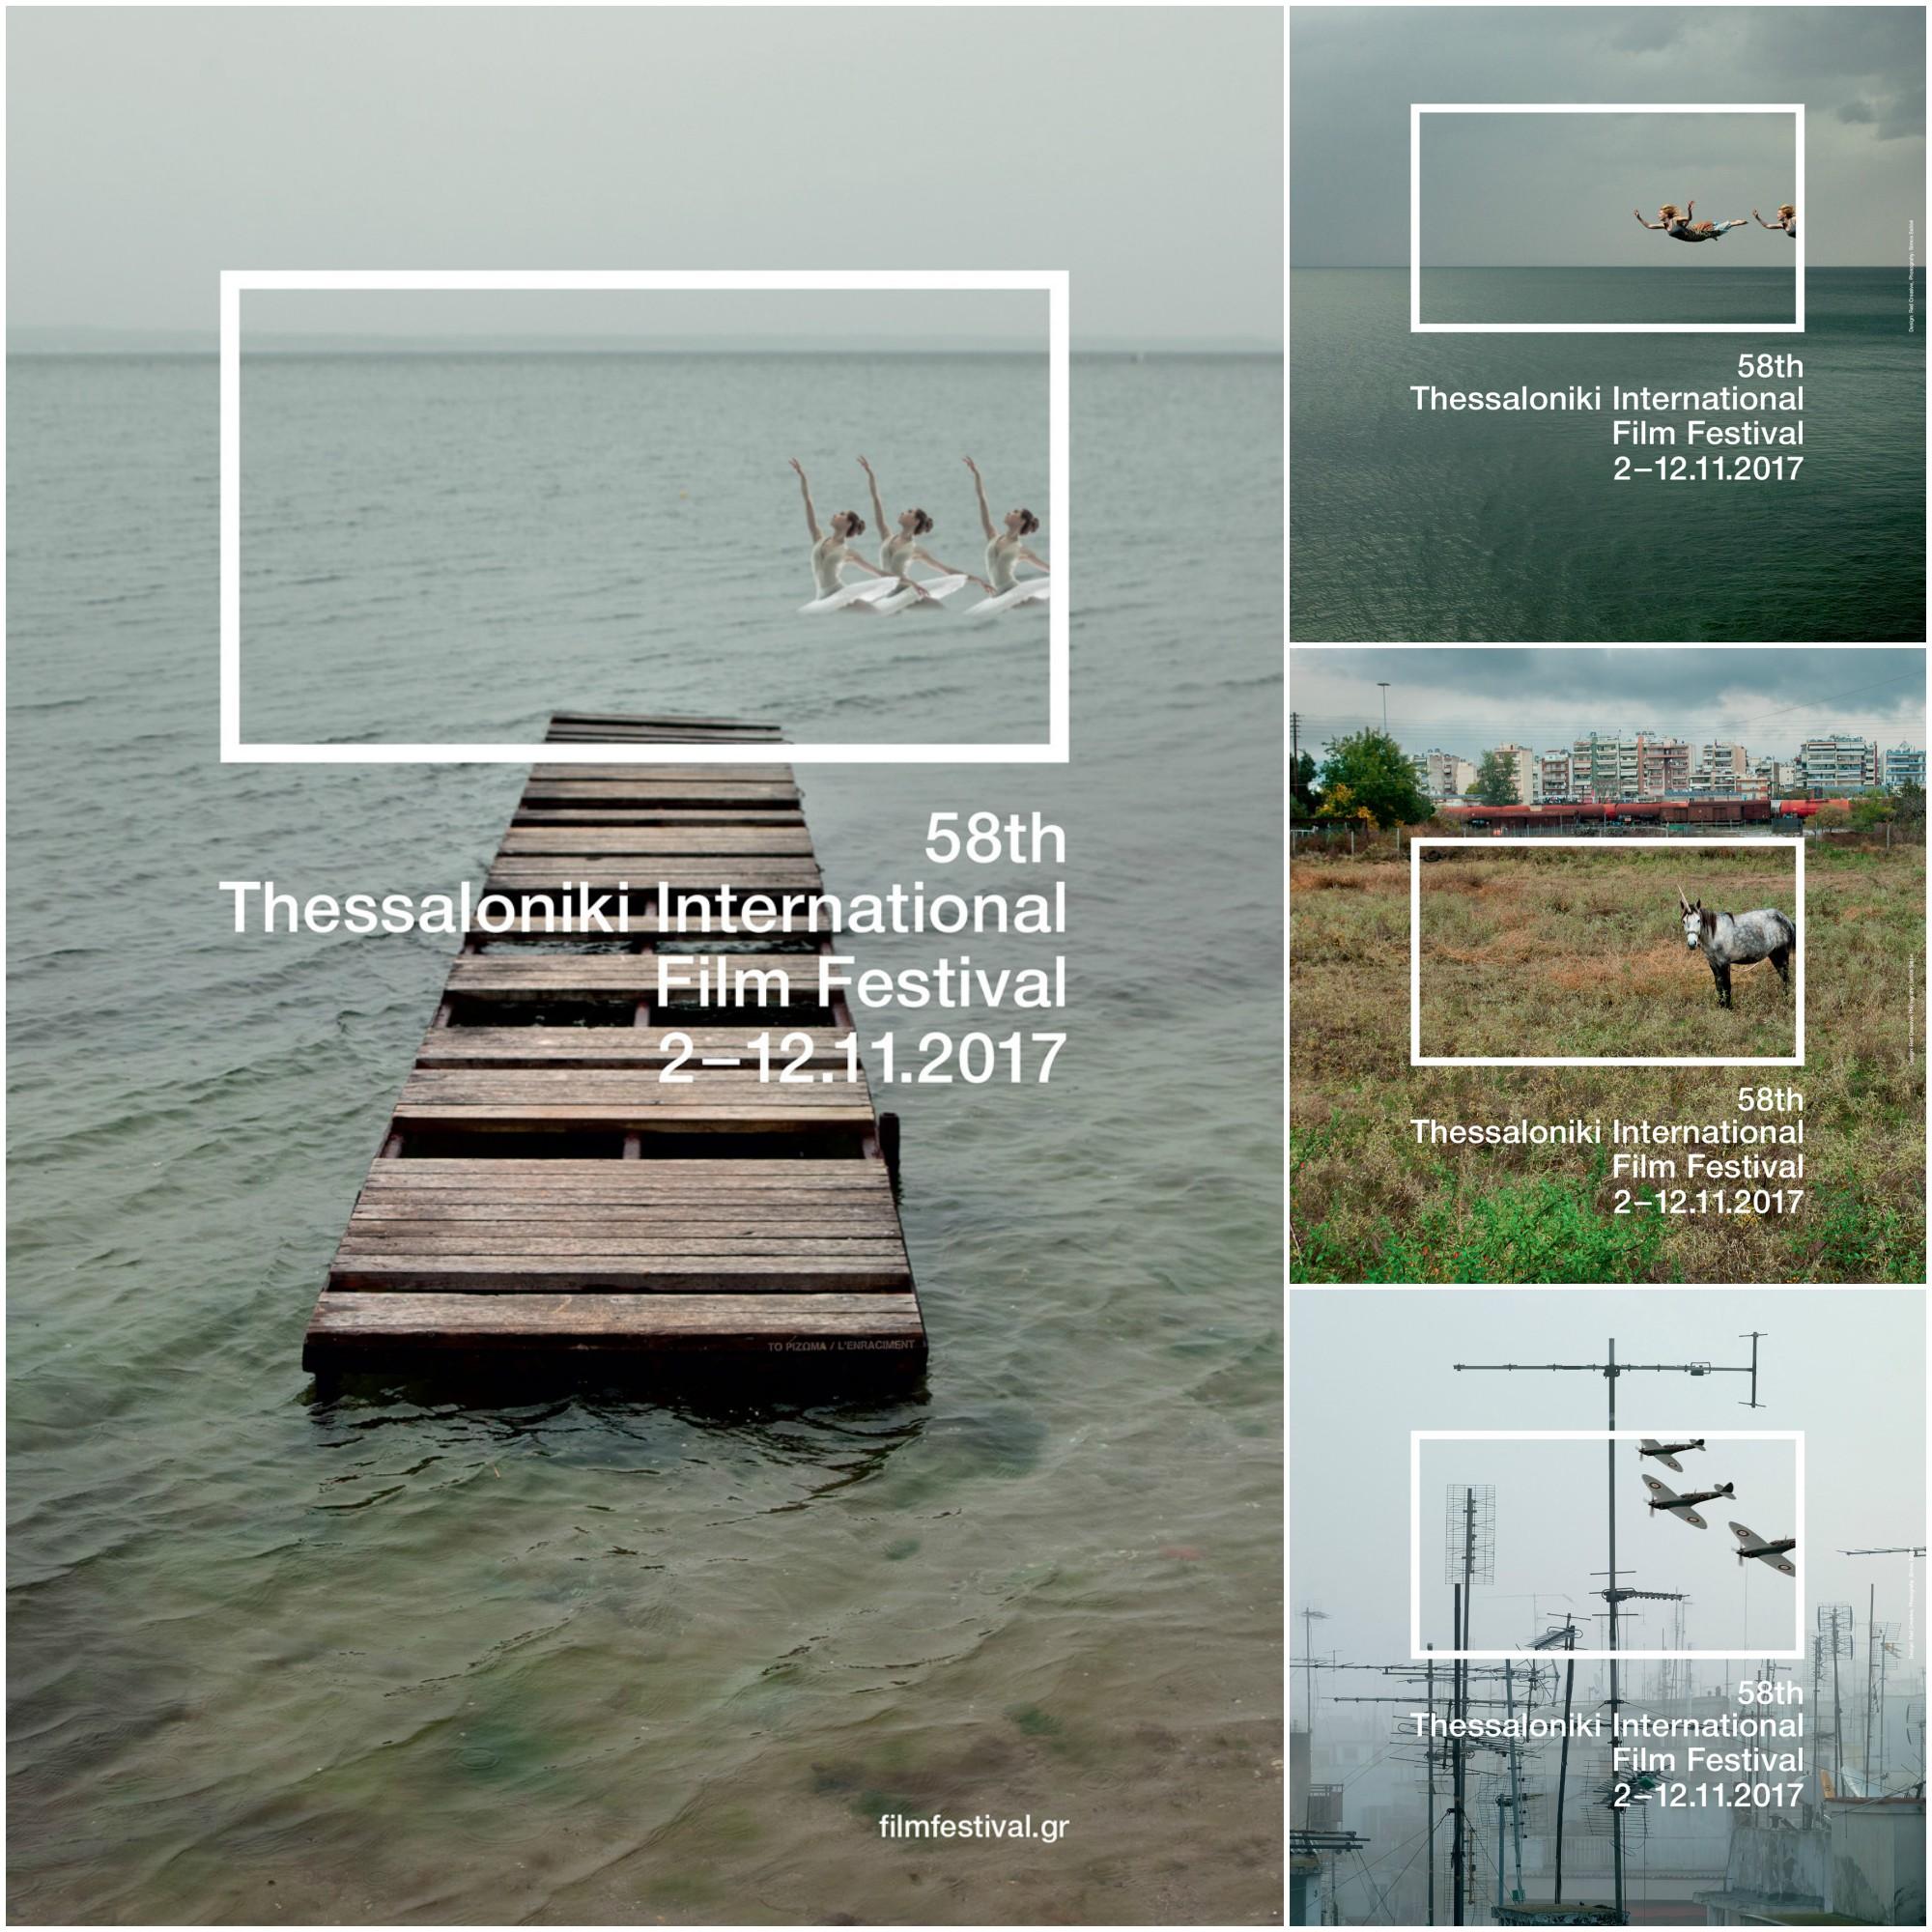 f2705cf8cd0 58ο ΦΚΘ: Οι αφίσες του φετινού φεστιβάλ και οι ταινίες του Διεθνούς  Διαγωνιστικού προγράμματος